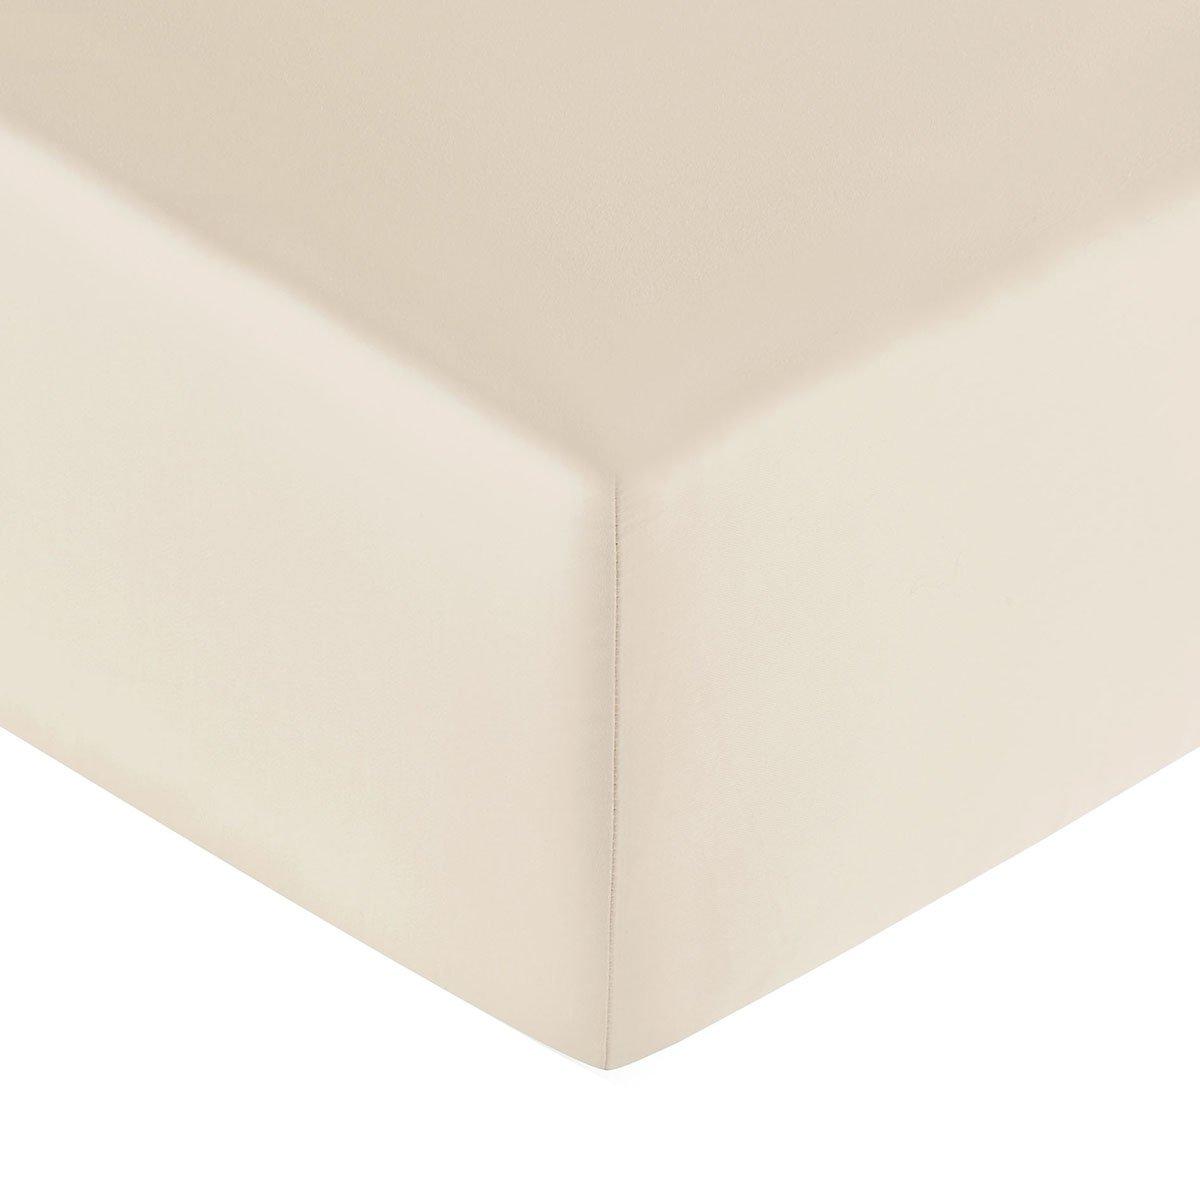 Drap housse coton 180x200 cm poudre